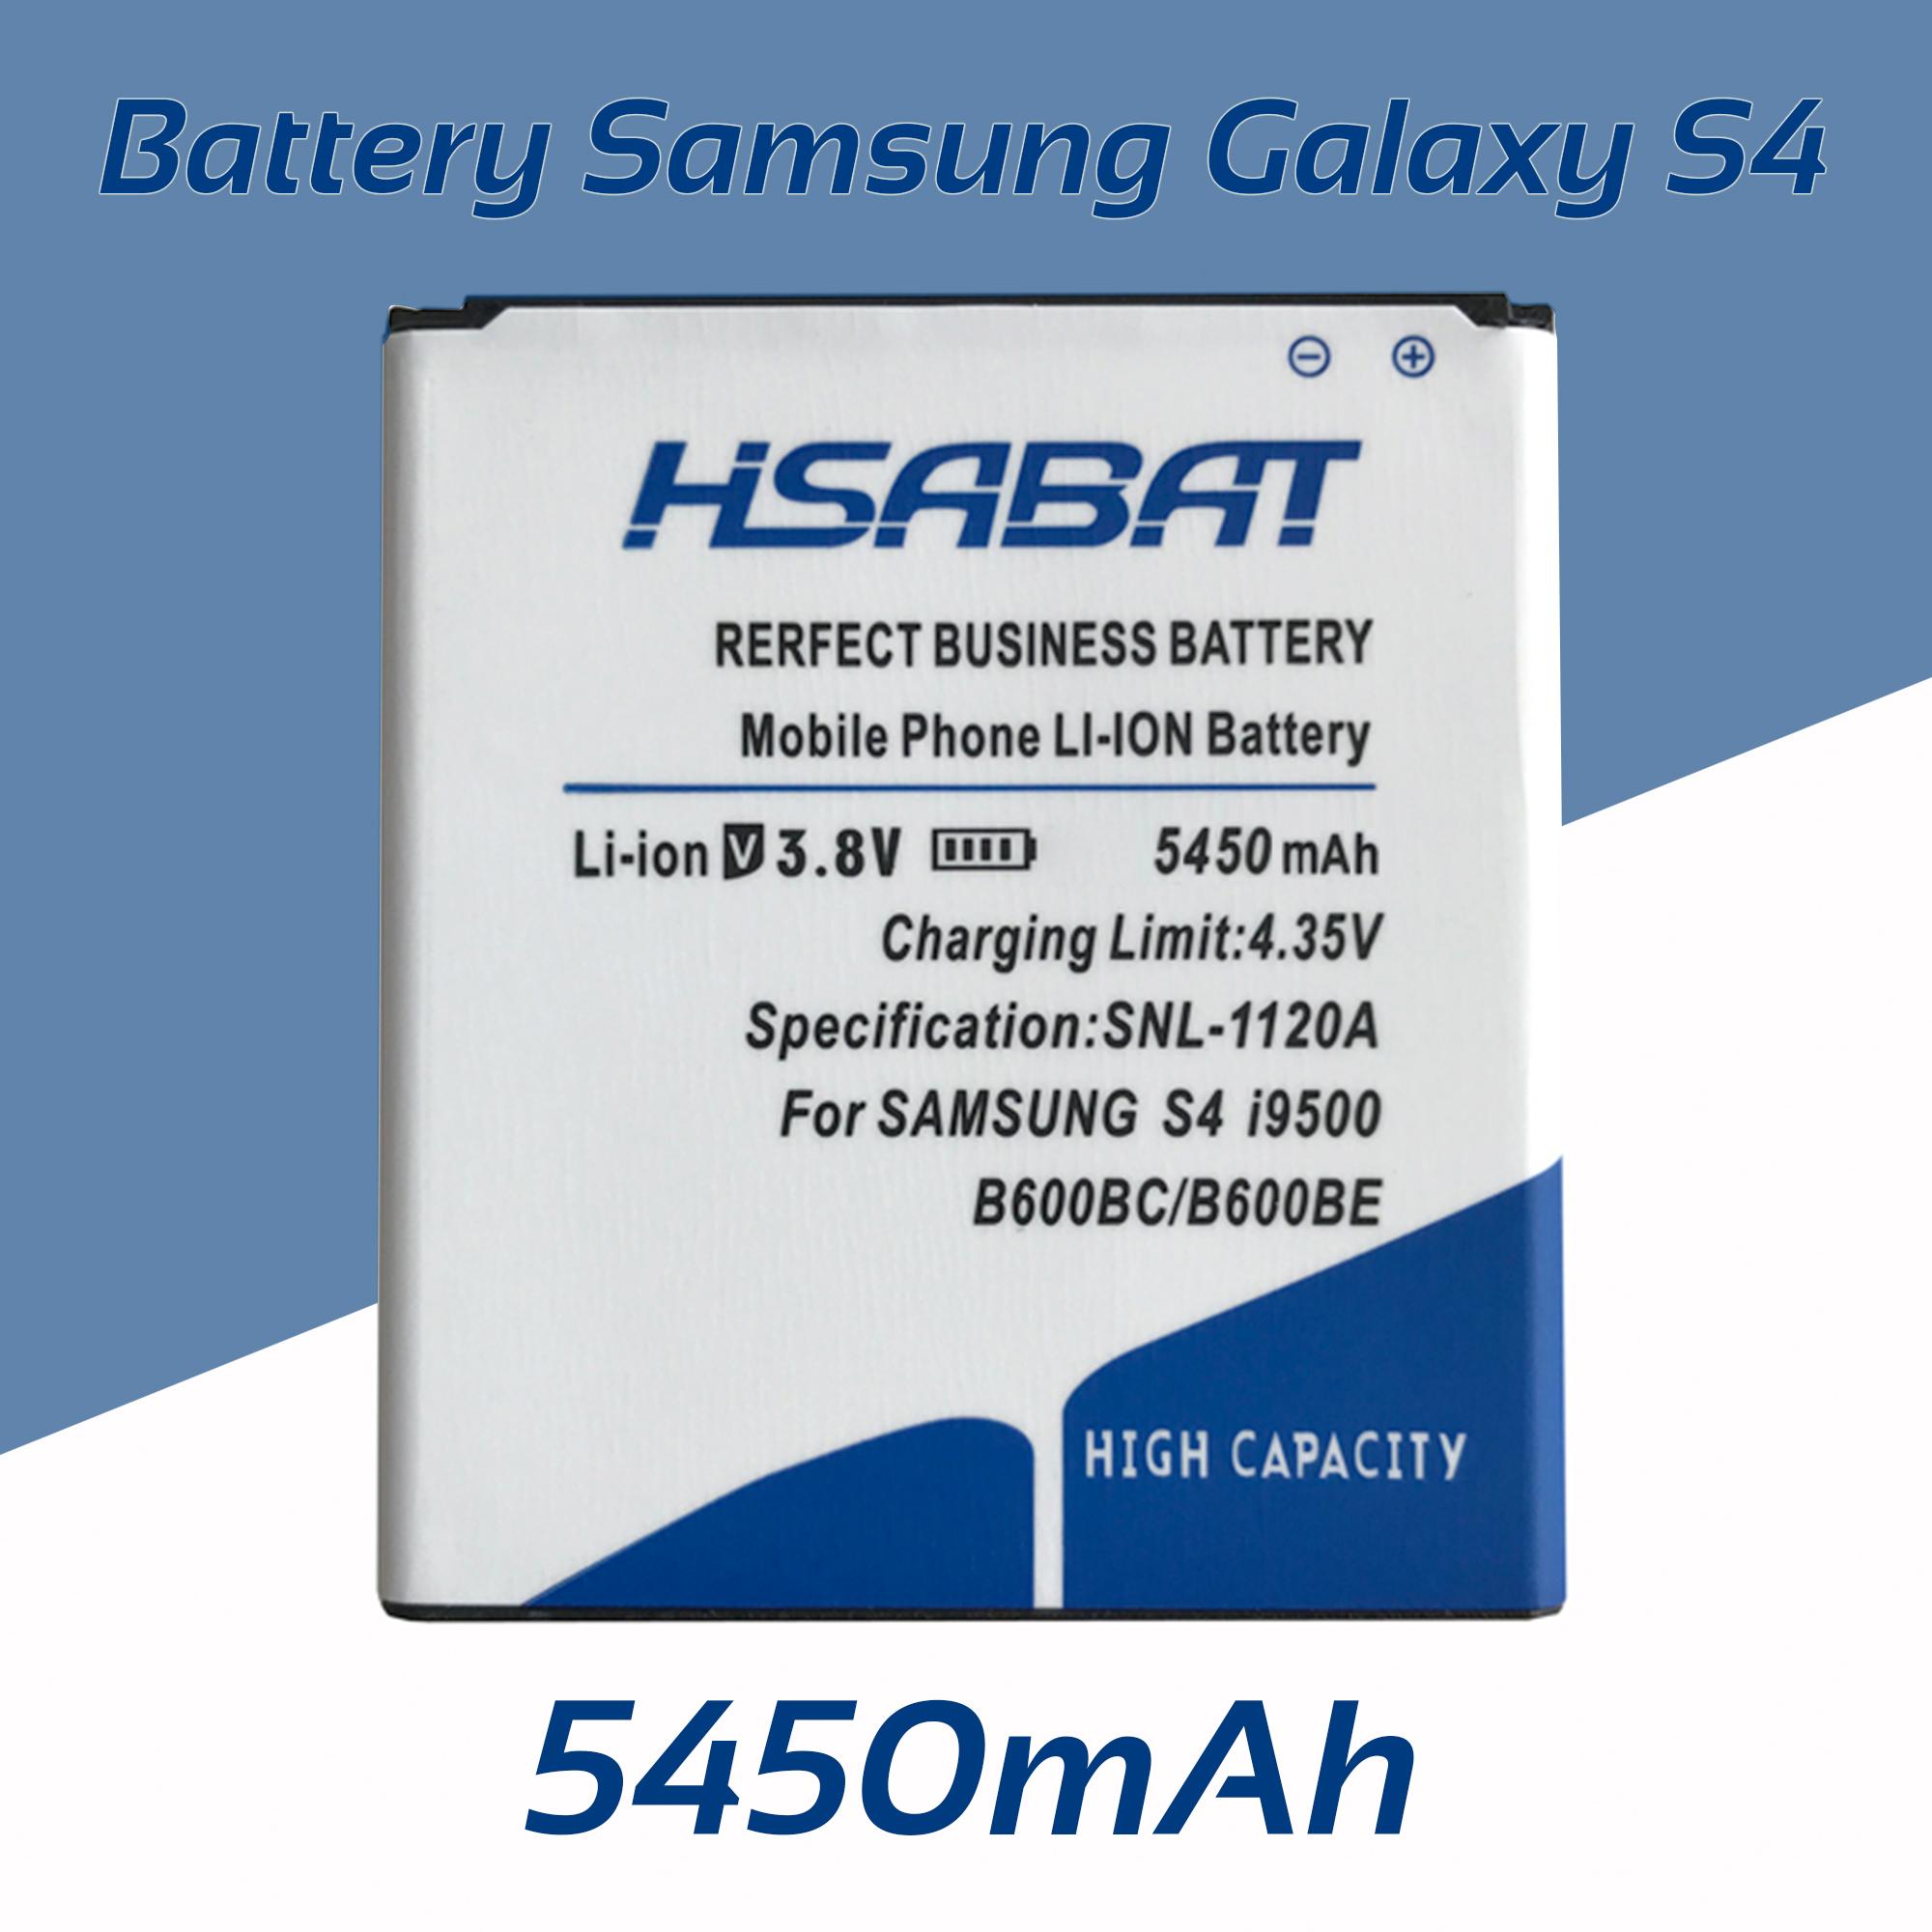 5450mAh B600BE Battery for Samsung galaxy S4 i9500 i9505 i9502 i9508 i959 R970 g7106 i9158 i9506 S4 Active I9295